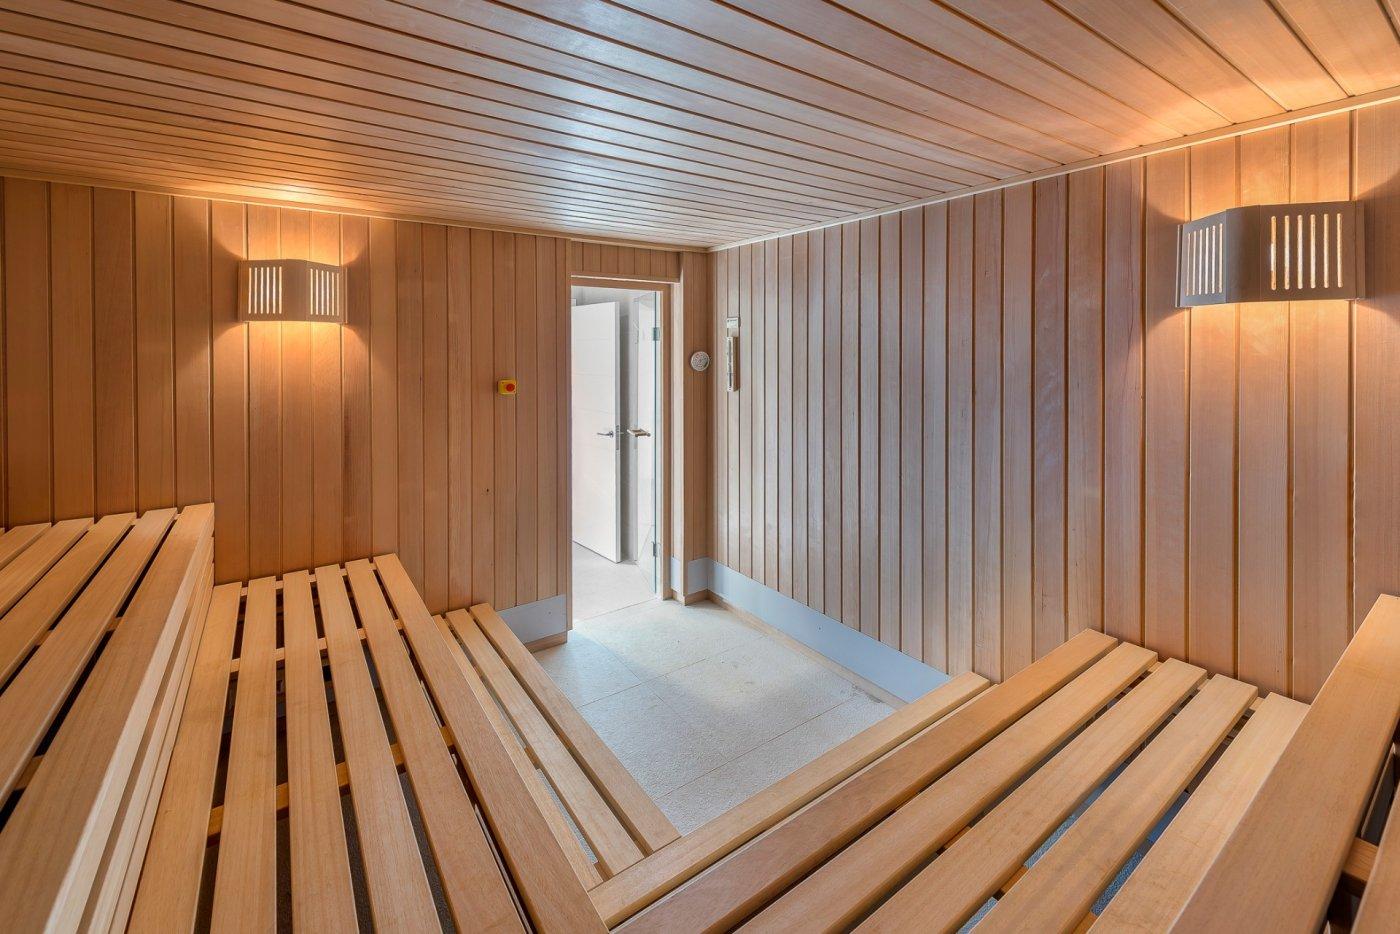 Áticos en venta muy cerca del mar - promociÓn obra nueva terminada - casas es trenc - buga - imagenInmueble16